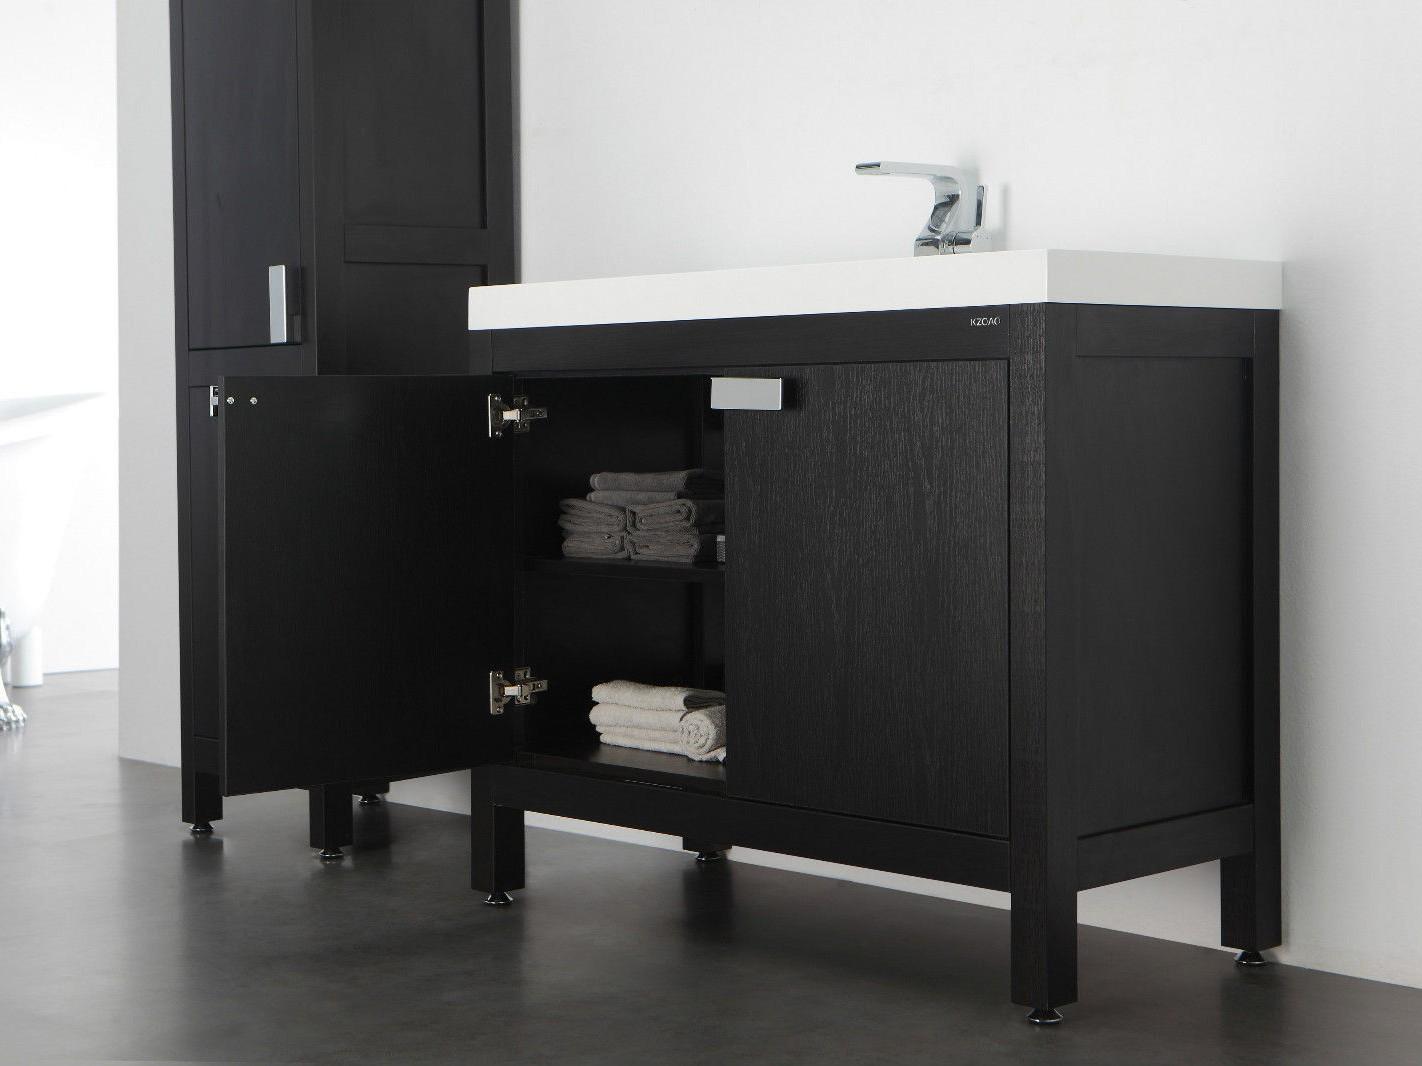 barcelona waschtisch set 60 cm eiche schwarz badewelt badezimmer m bel. Black Bedroom Furniture Sets. Home Design Ideas